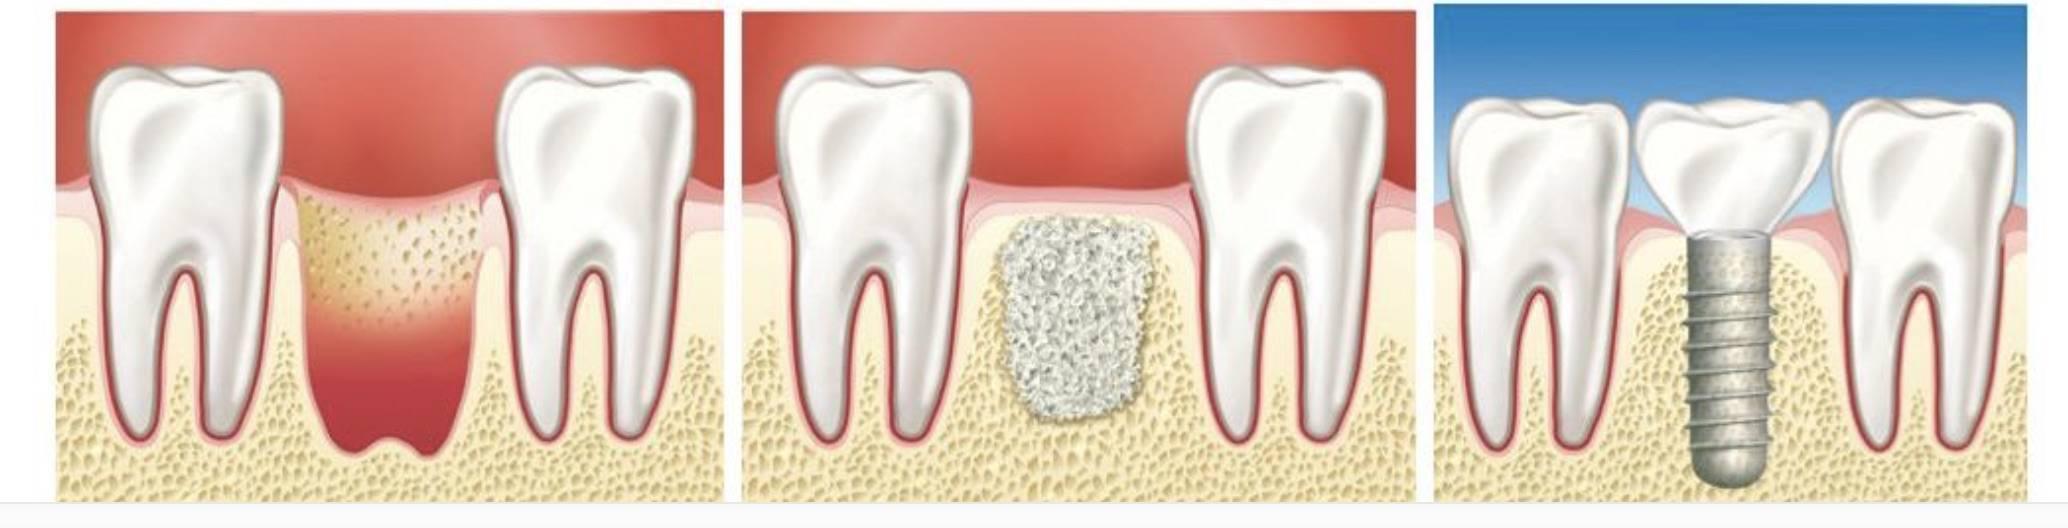 Костная пластика: наращивание костной ткани при имплантации